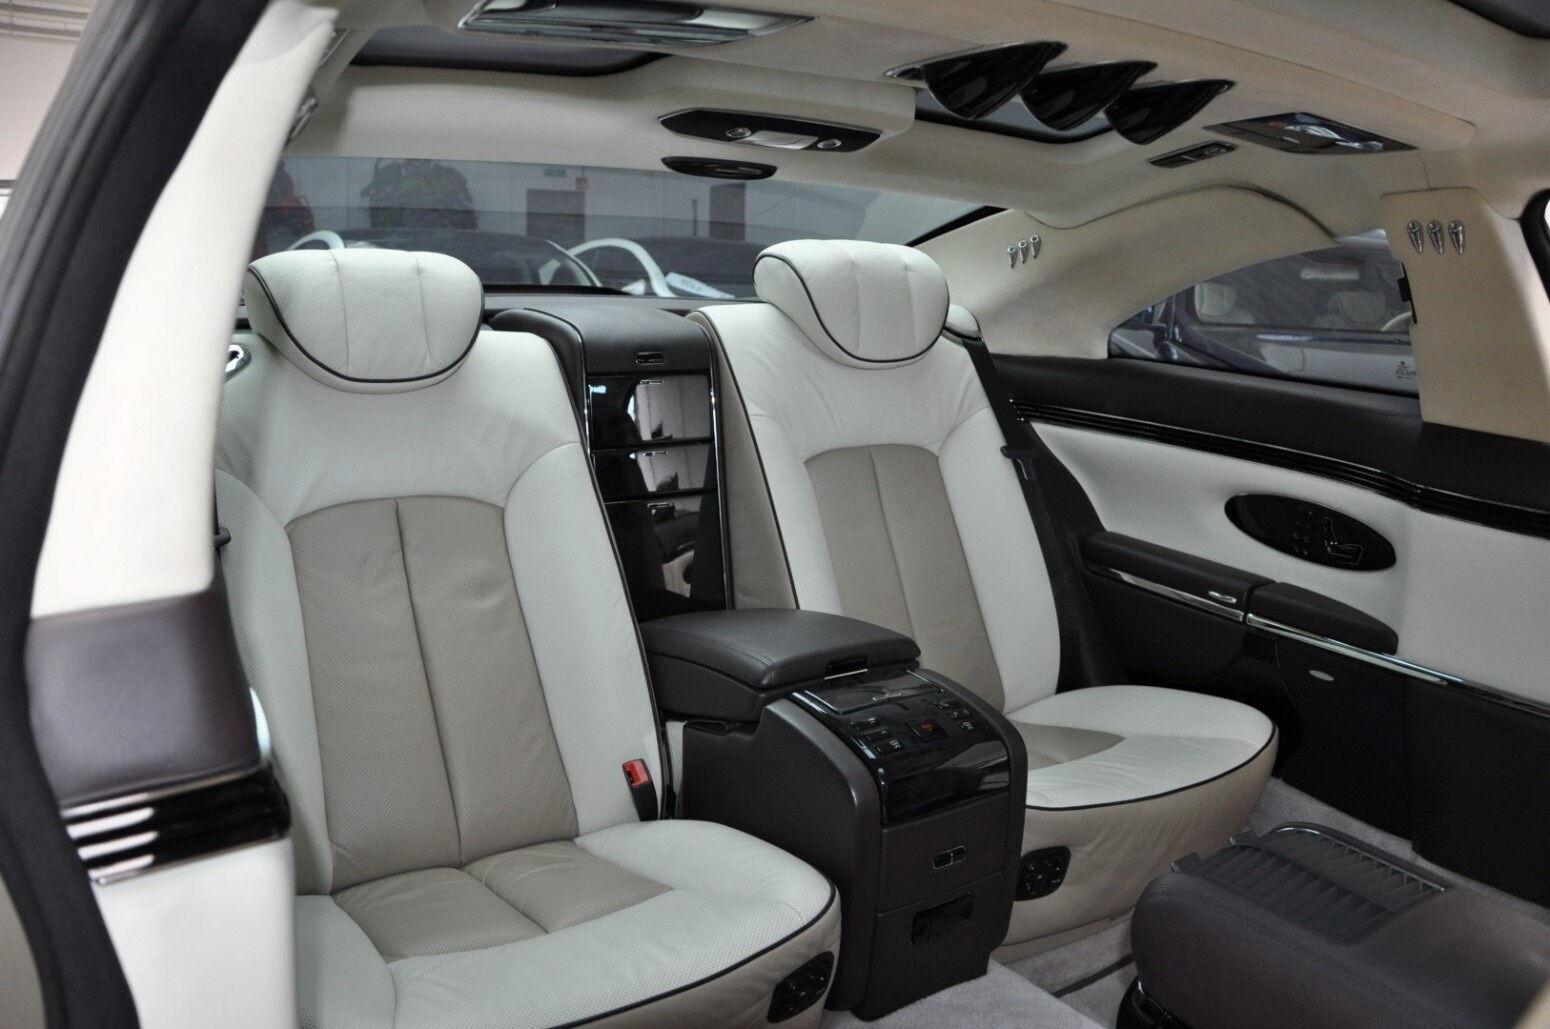 Для задних пассажиров предусмотрено два удобных индивидуальных кресла